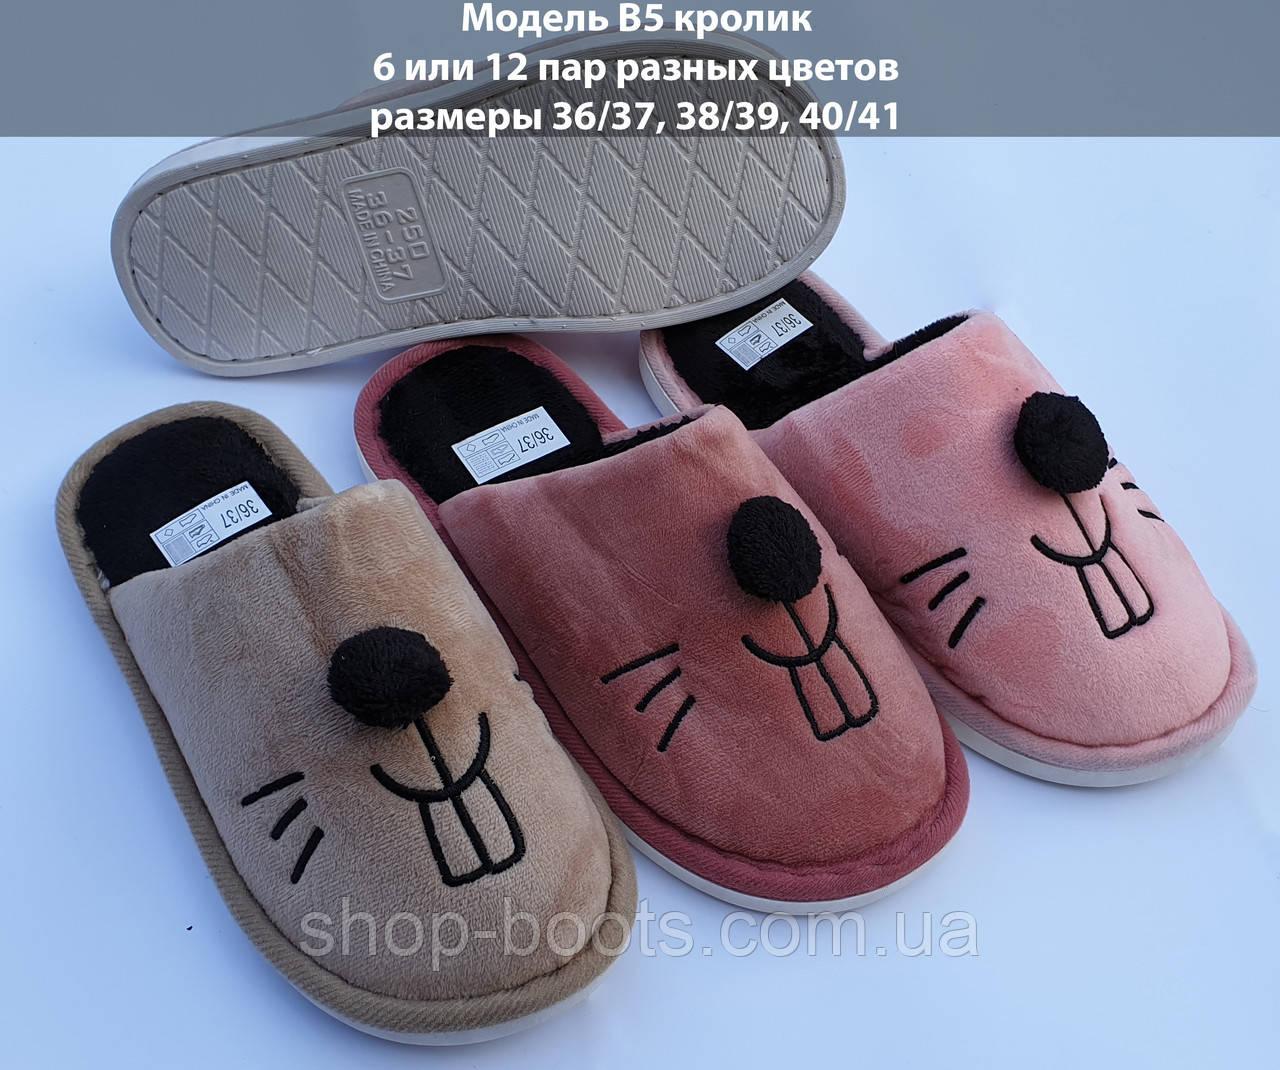 Женские тапочки оптом. 36-41рр. Модель тапочки В5 кролик